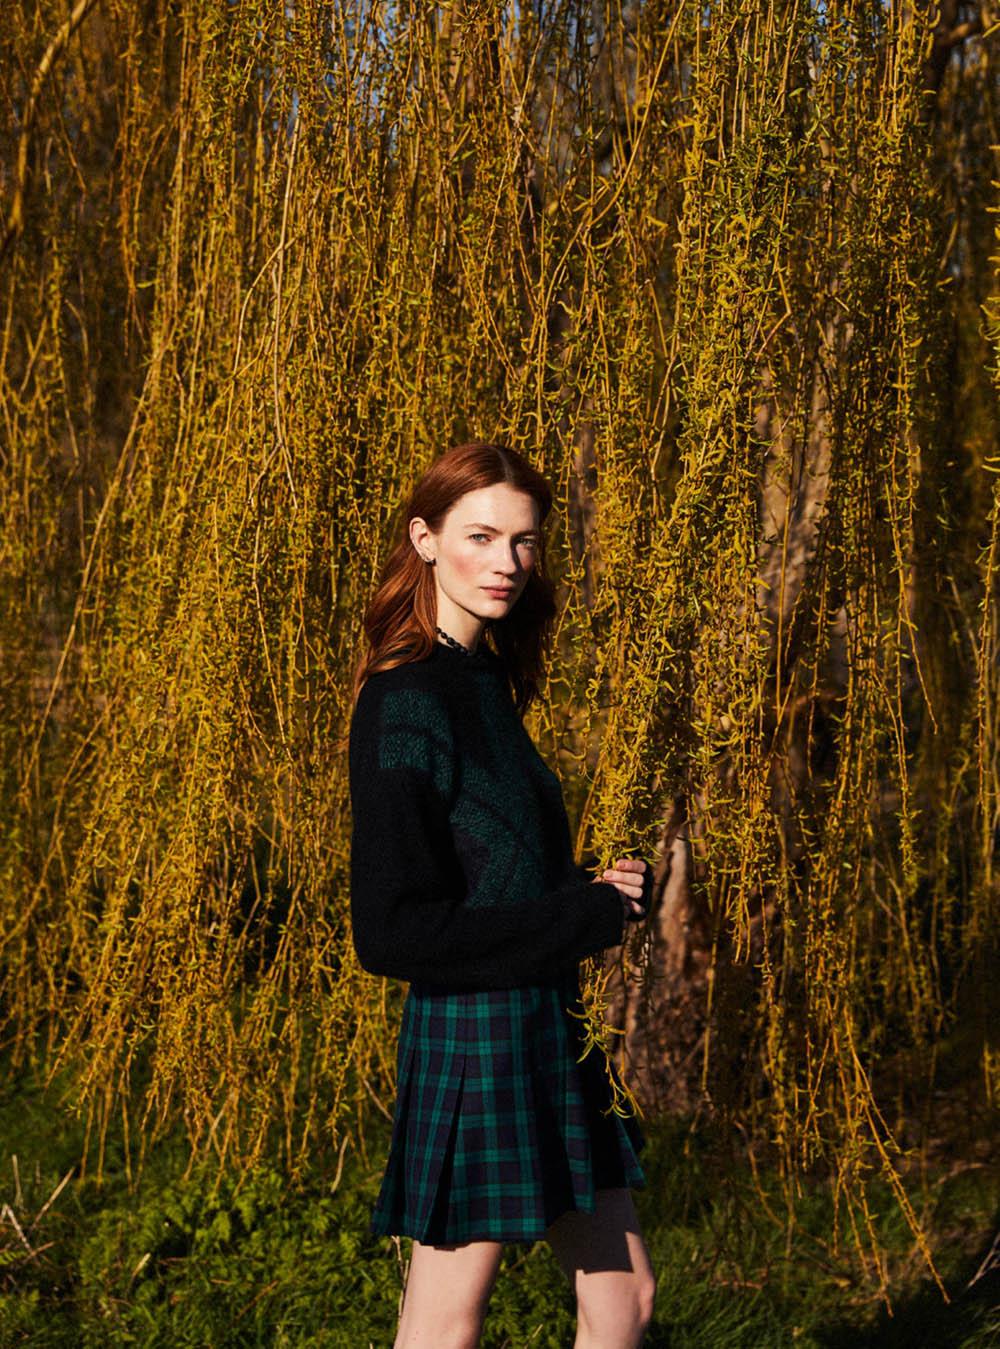 Kristin Zakala by Josh Shinner for Harper's Bazaar UK July 2020